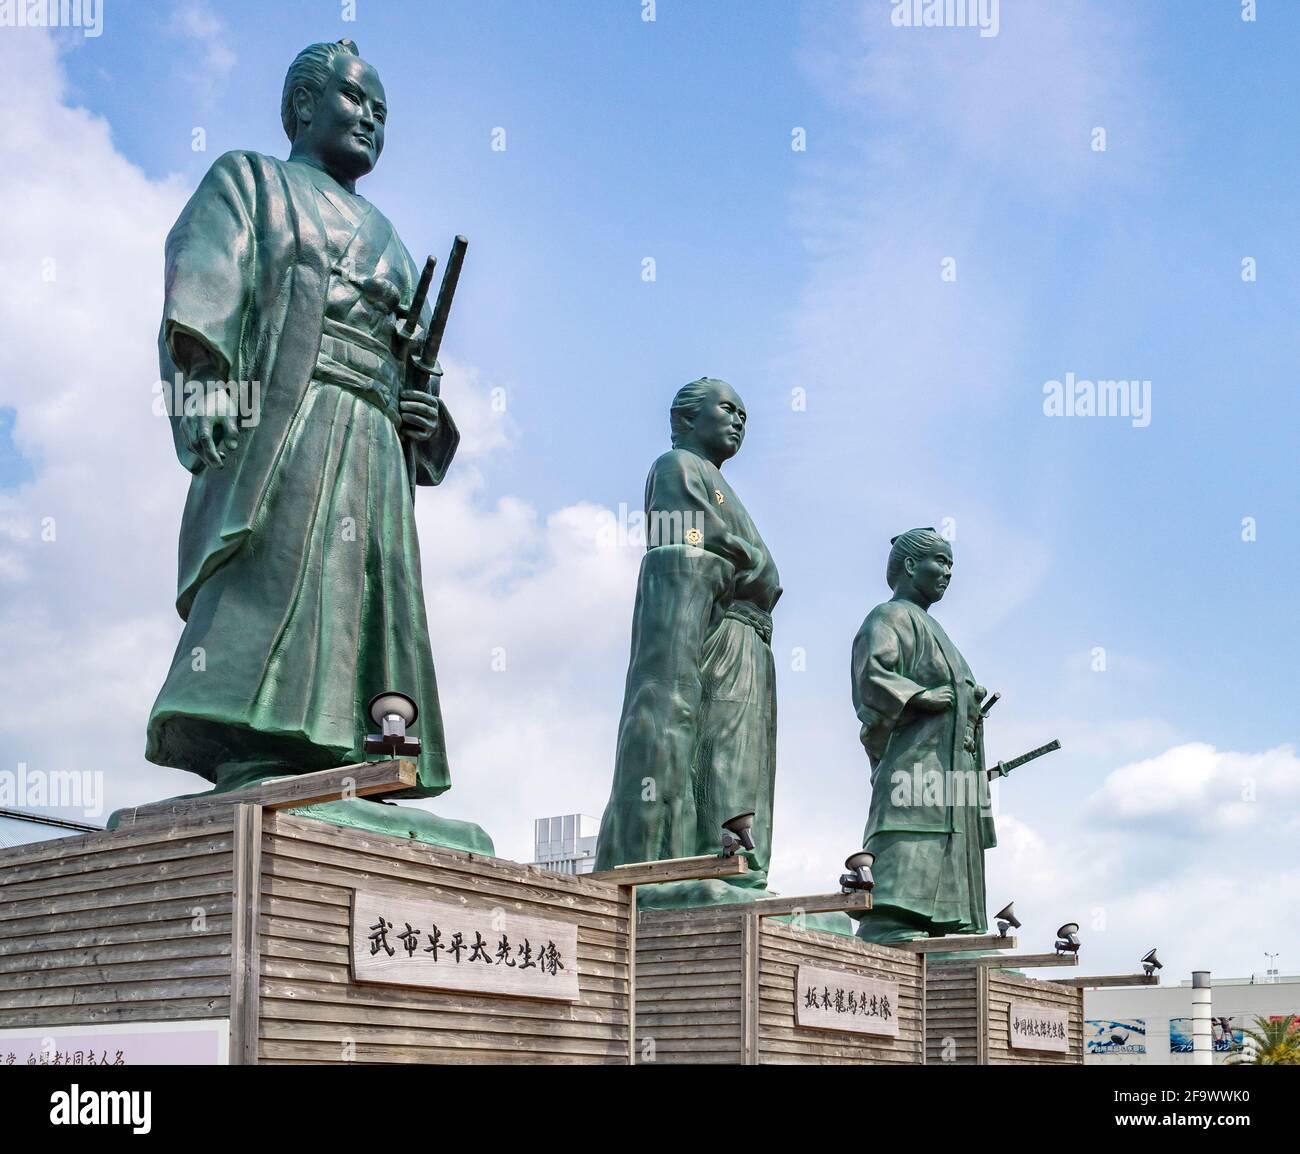 29 de marzo de 2019: Ciudad de Kochi, Japón - Estatuas de tres samurai que fueron prominentes en la Restauración Meiji, Sakamoto Ryoma, Takechi Hanpeita, y Nakaoka Foto de stock